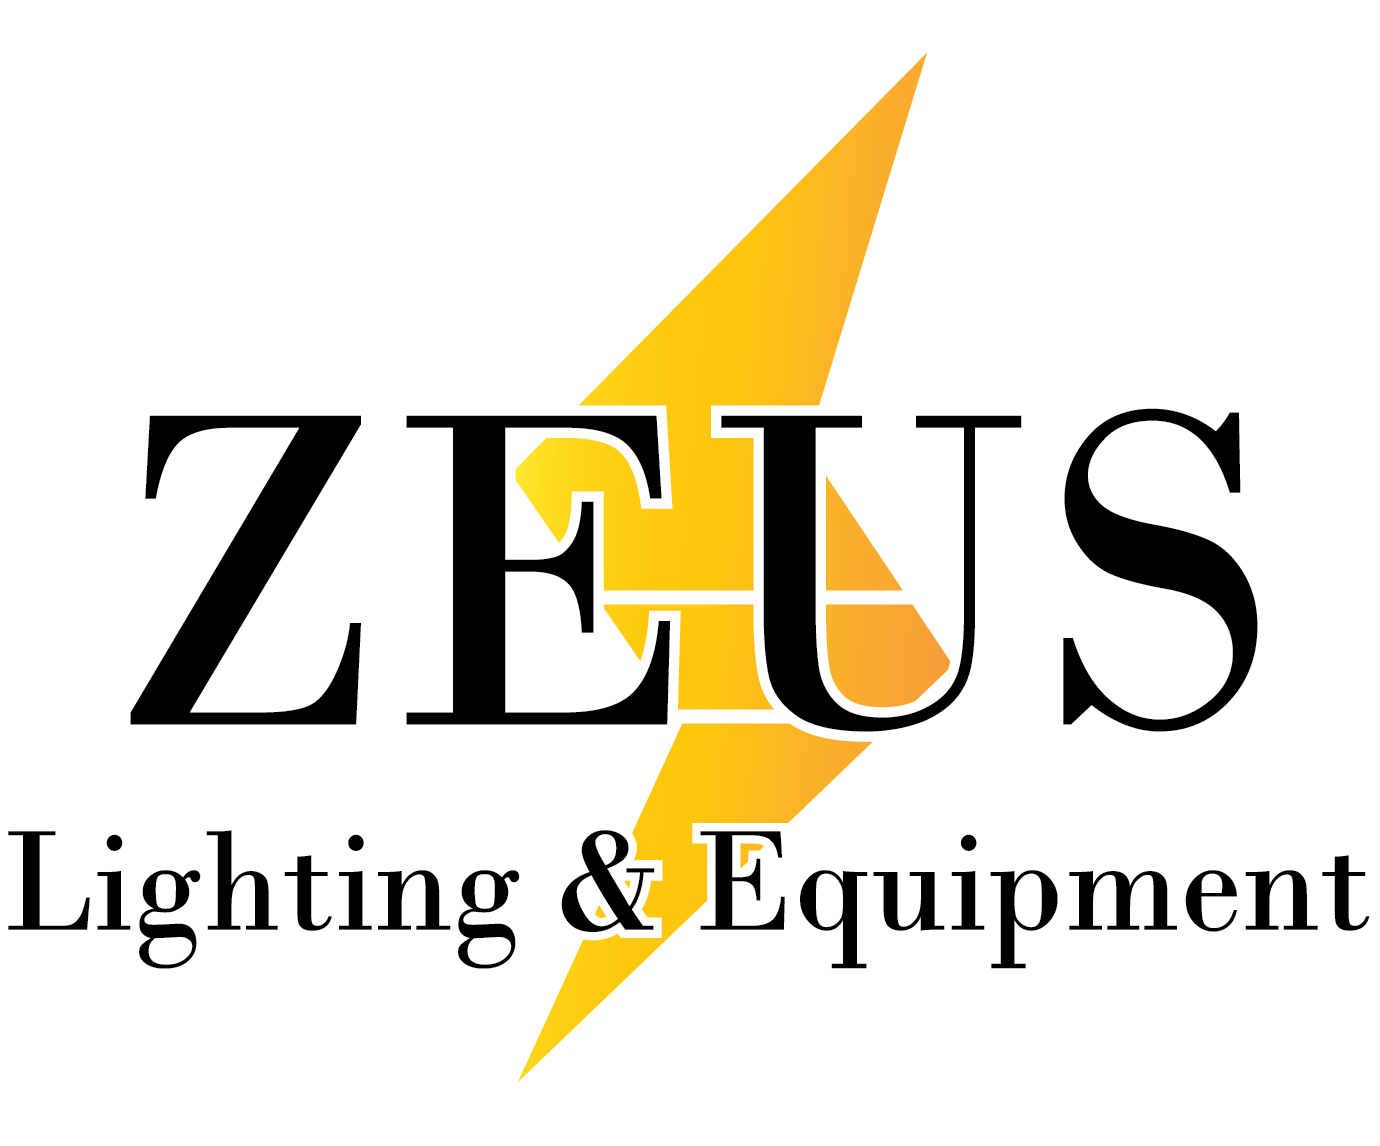 บริษัท ซูส คอร์ป จำกัด ( zeuscorp Co., Ltd. )